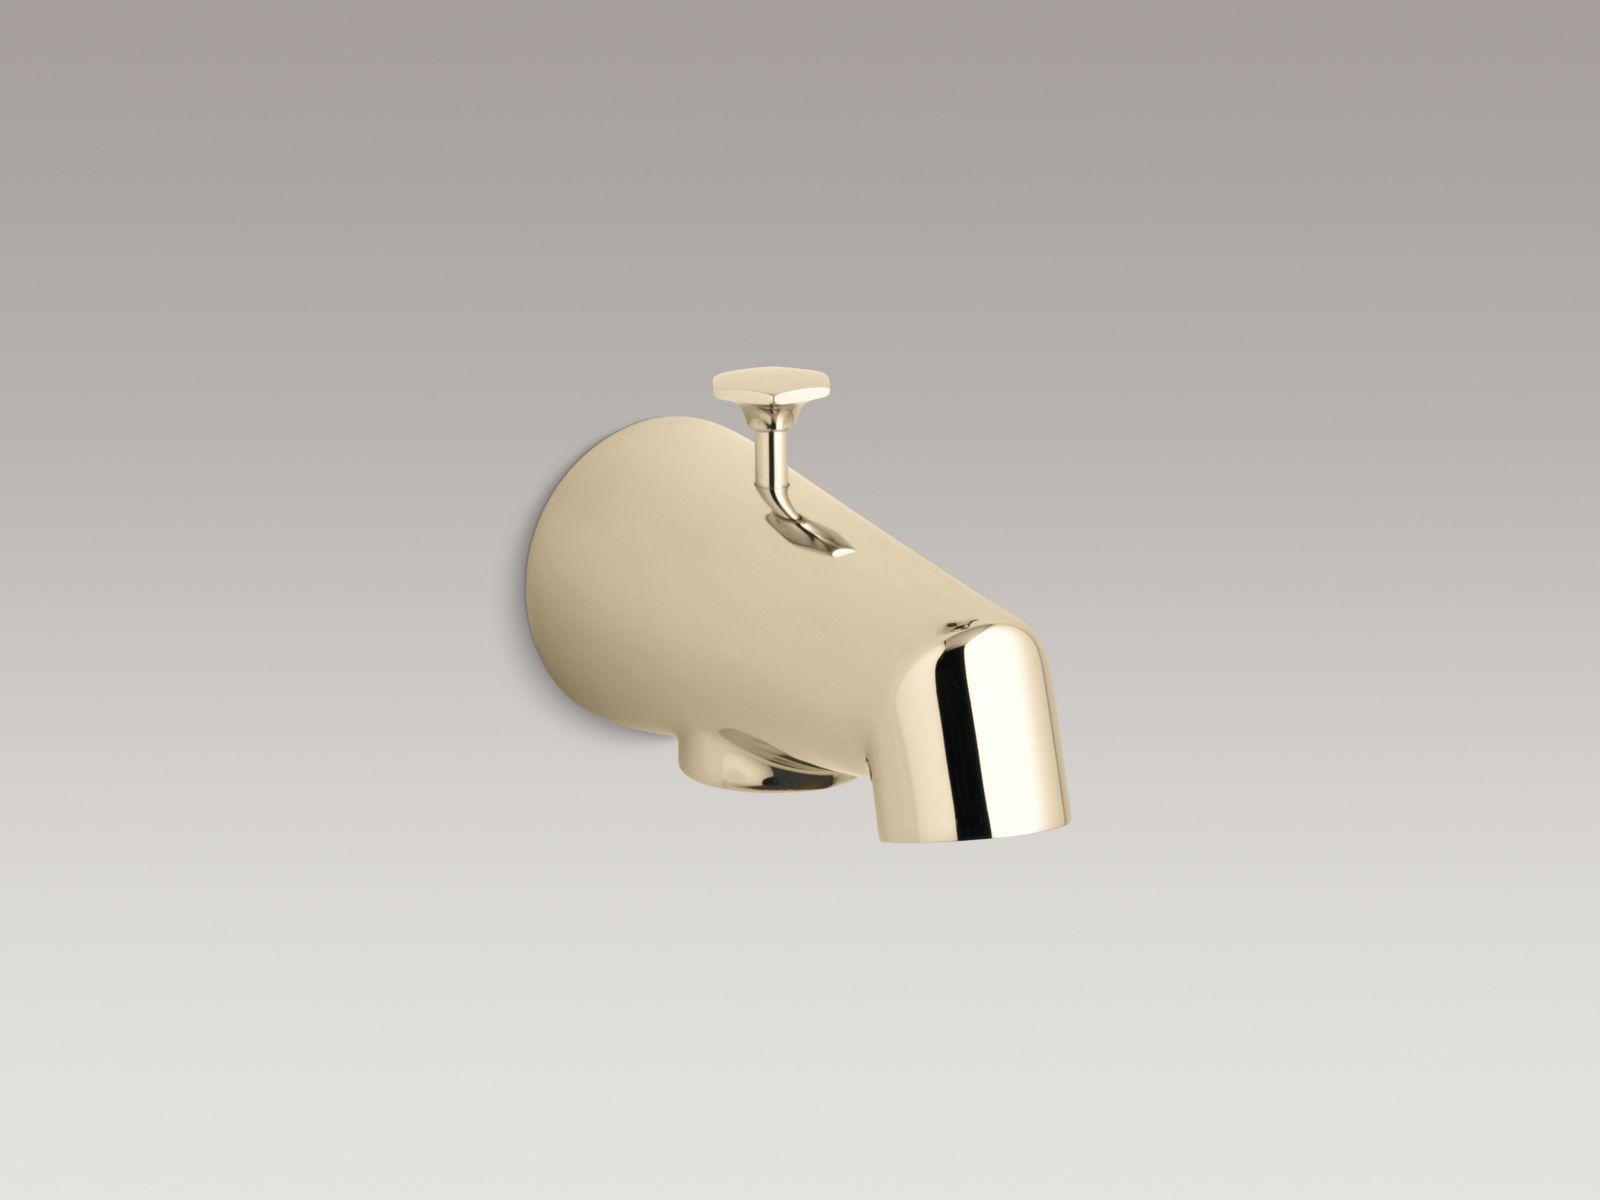 """Kohler K-6855-AF Standard Wall-mounted 5"""" Diverter Bathtub Spout with Disc-shaped Knob French Gold"""